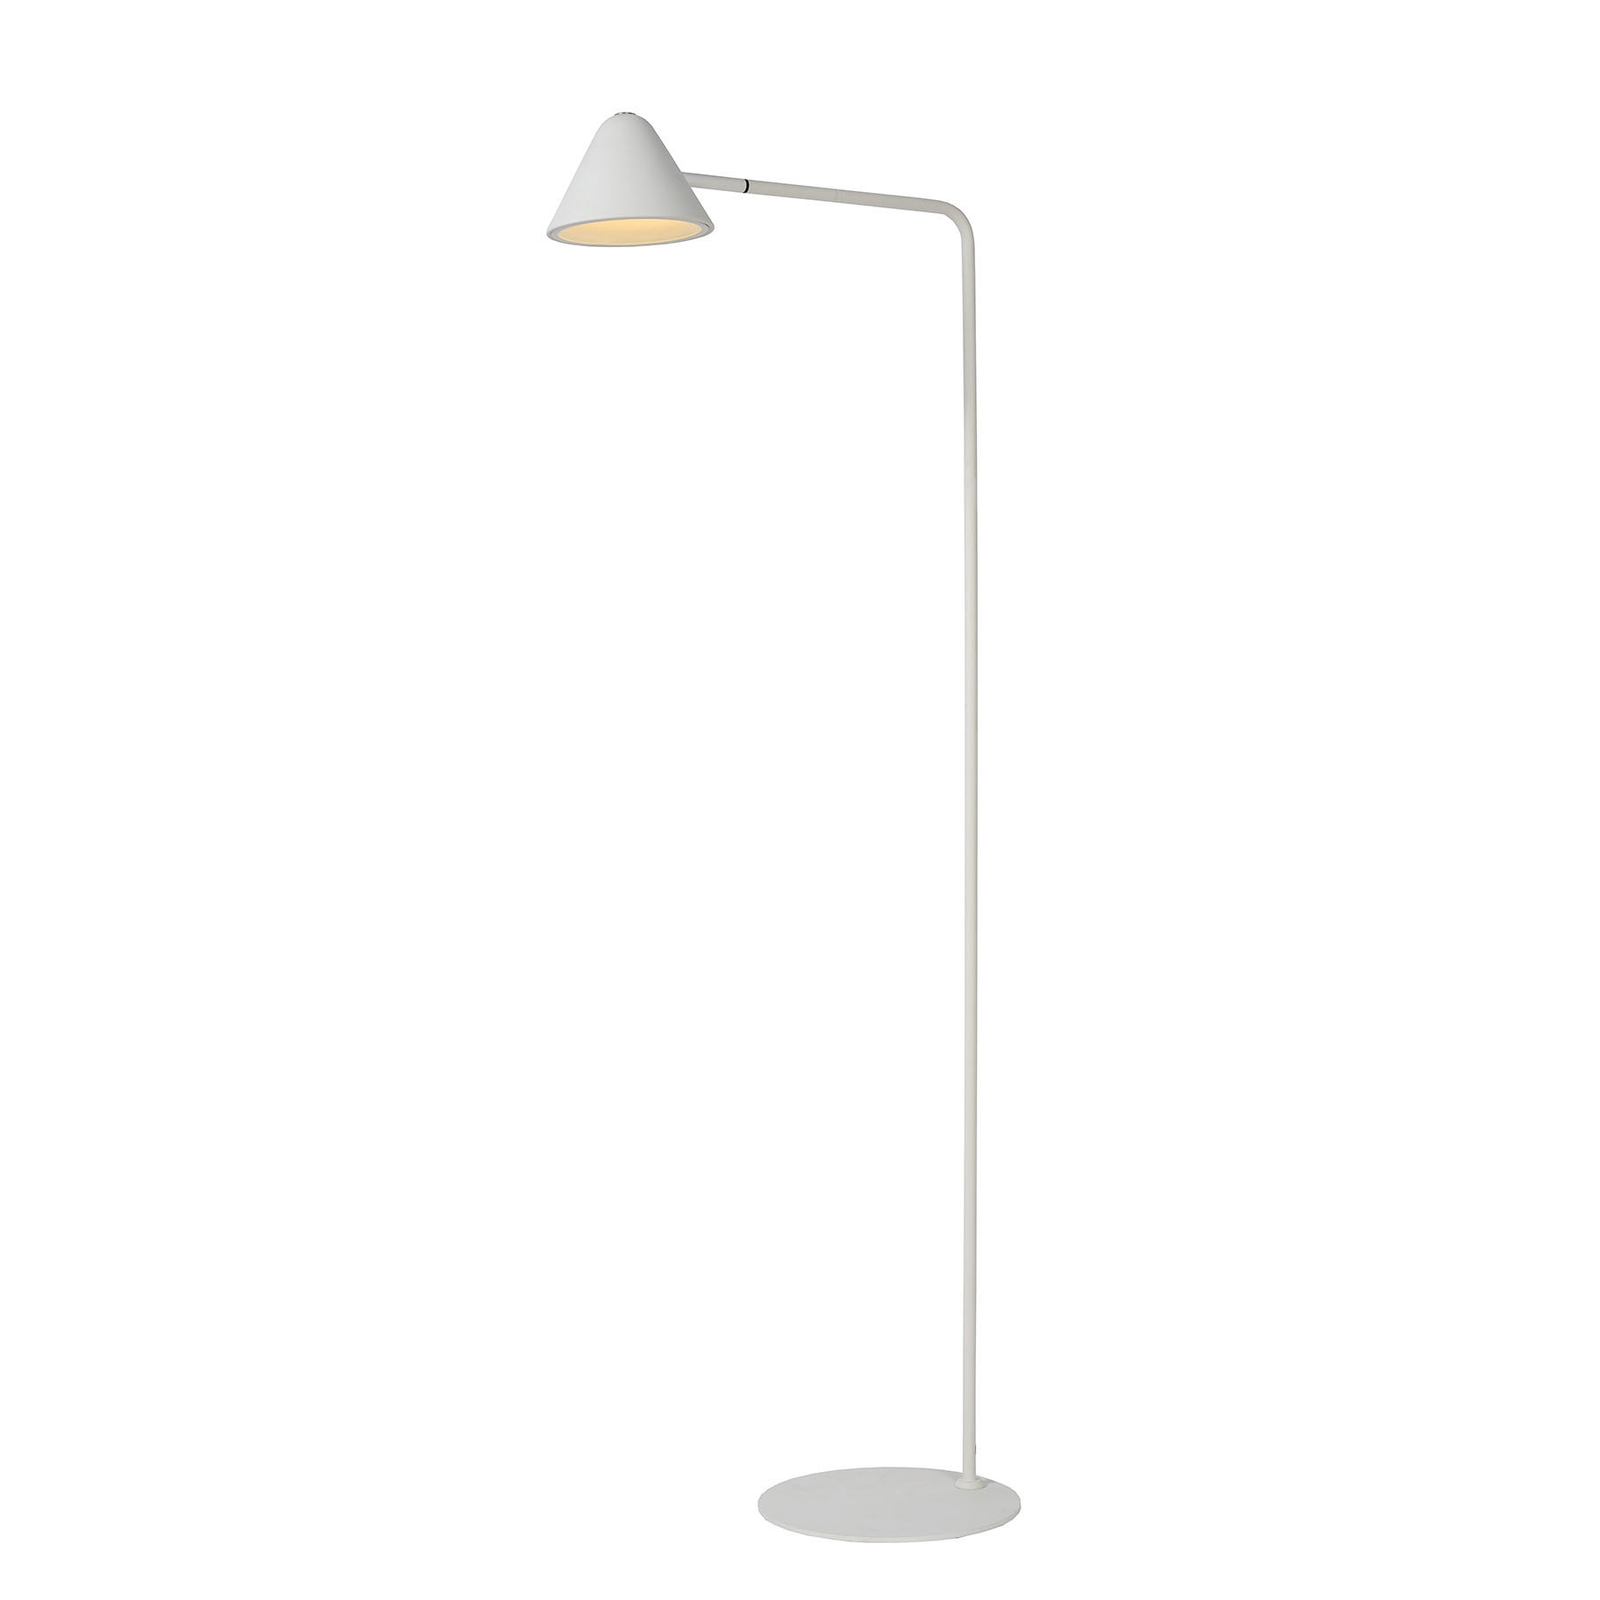 LED vloerlamp Devon van metaal, wit